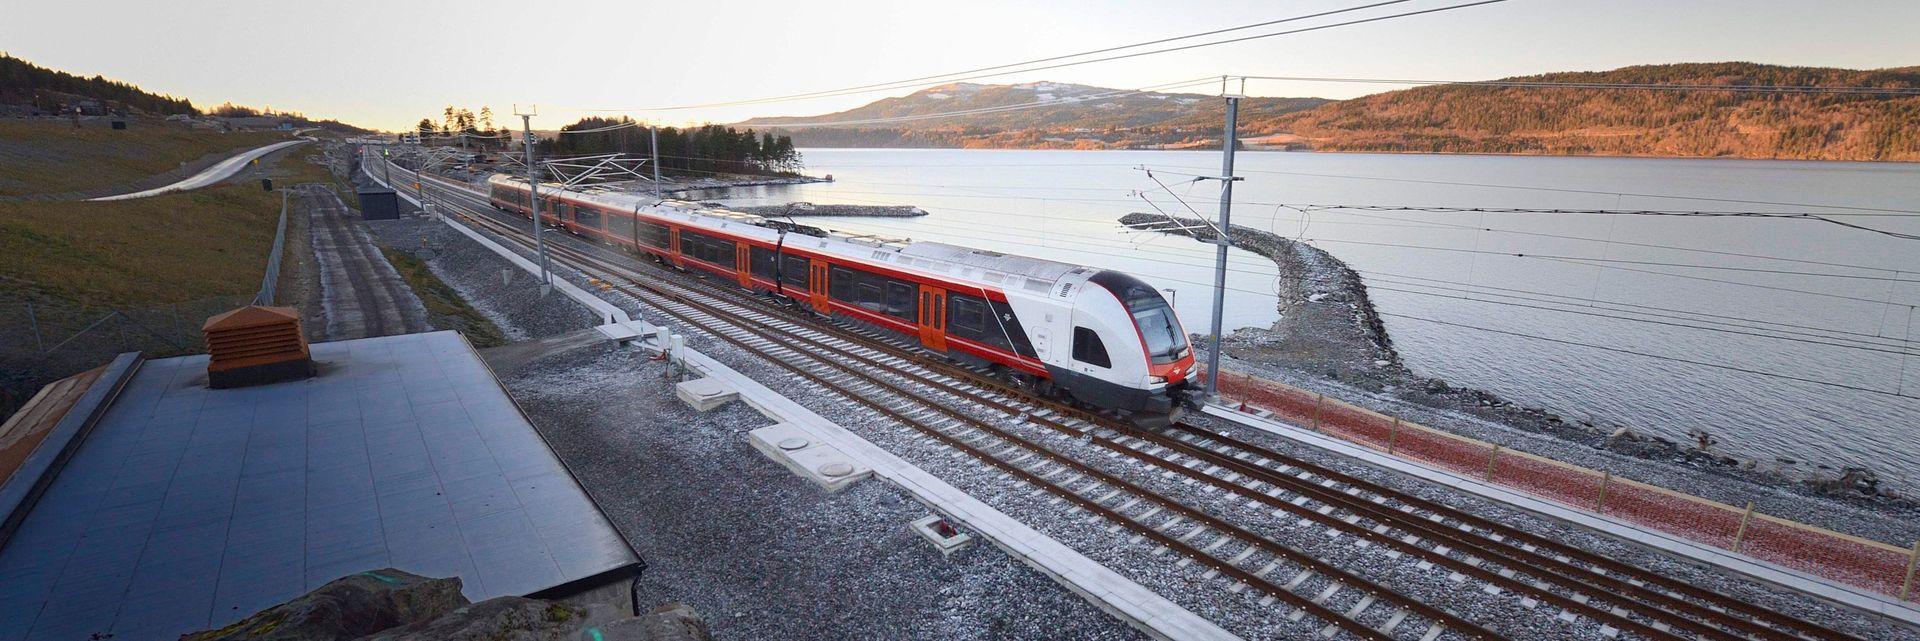 ANNONSE: Det investeres mer i norsk jernbane enn noensinne